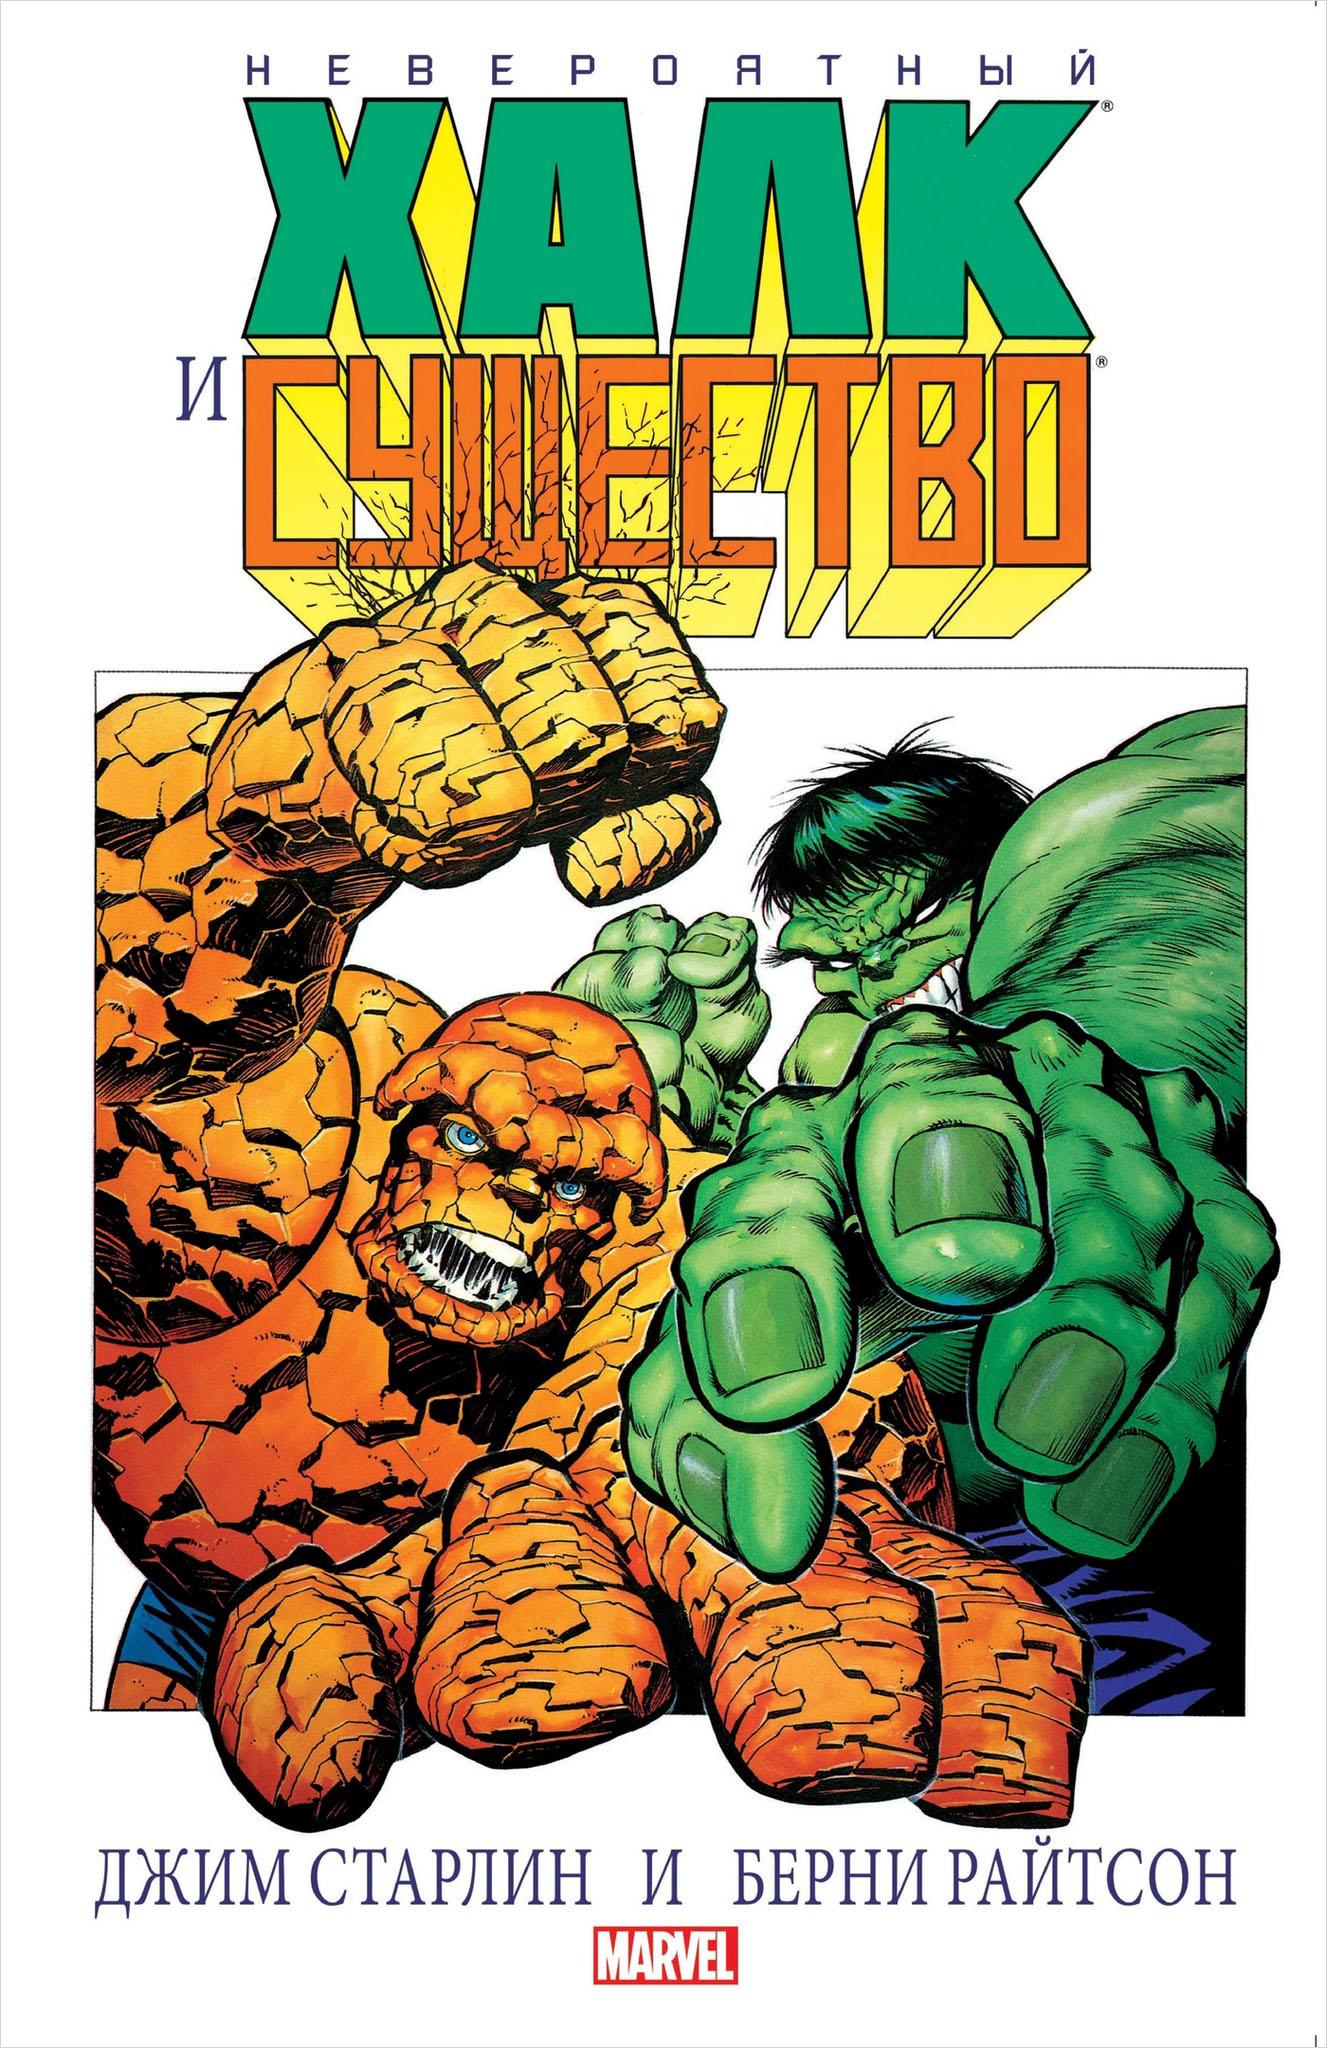 Джим Старлин, Райтсон Берни Комикс Невероятный Халк и Существо: Большие перемены